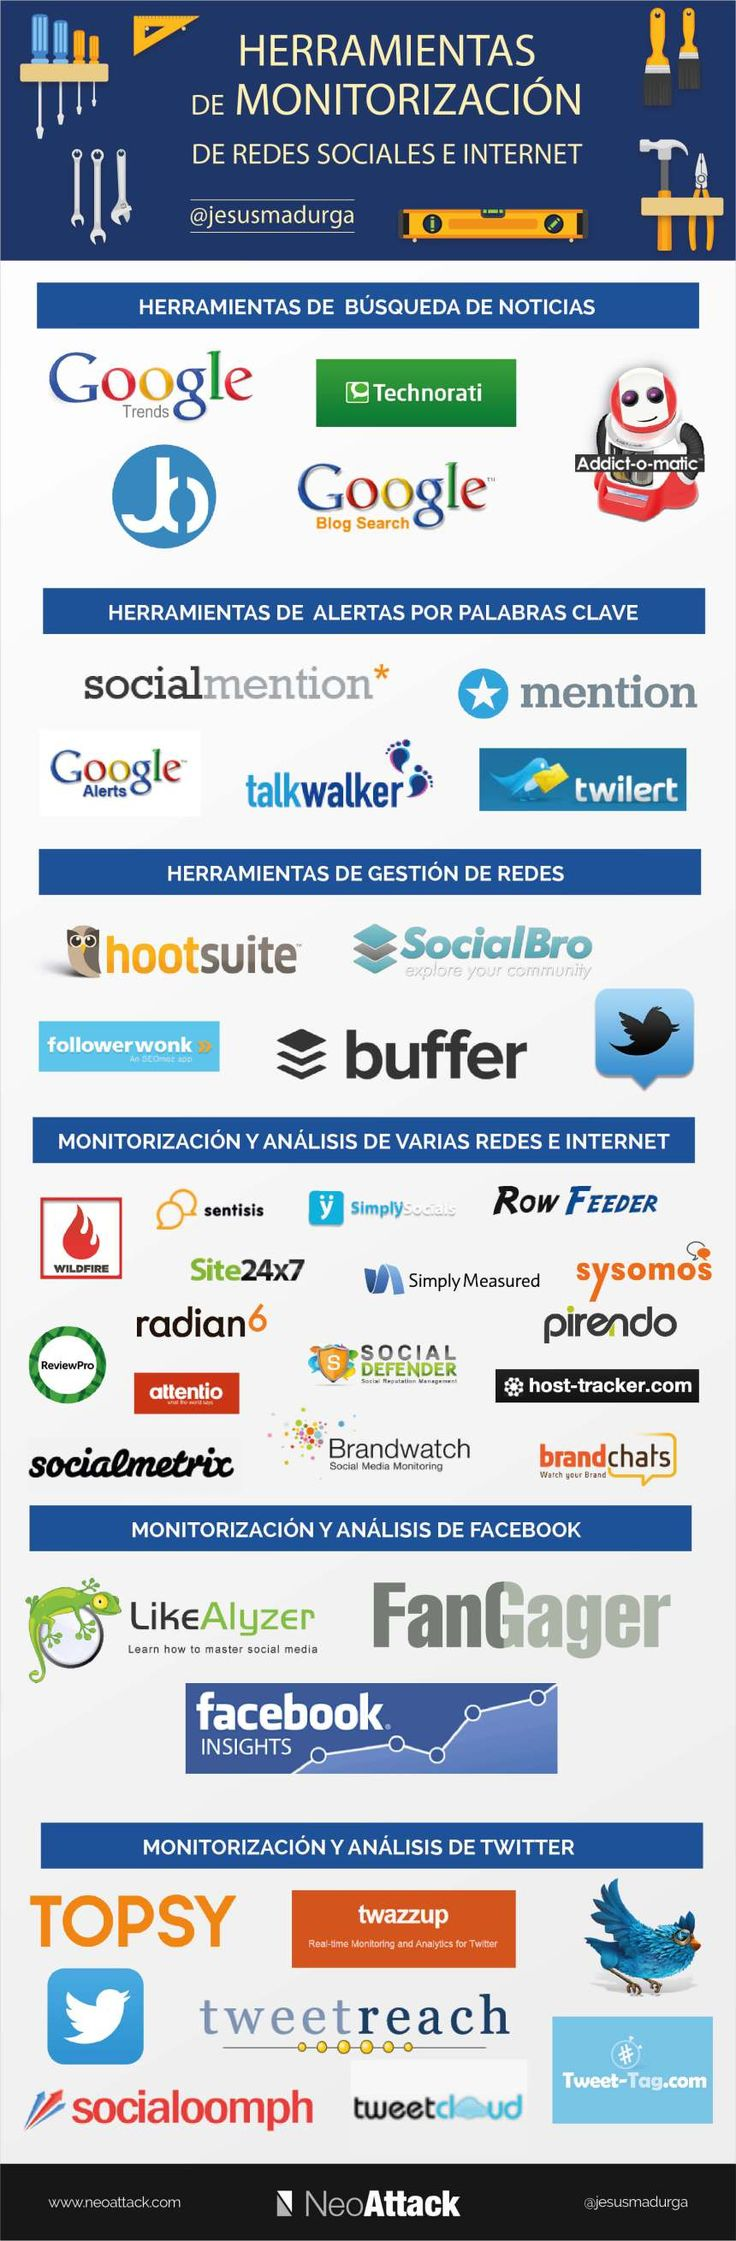 Herramientas de monitorización para Redes Sociales e Internet #infografia #socialmedia